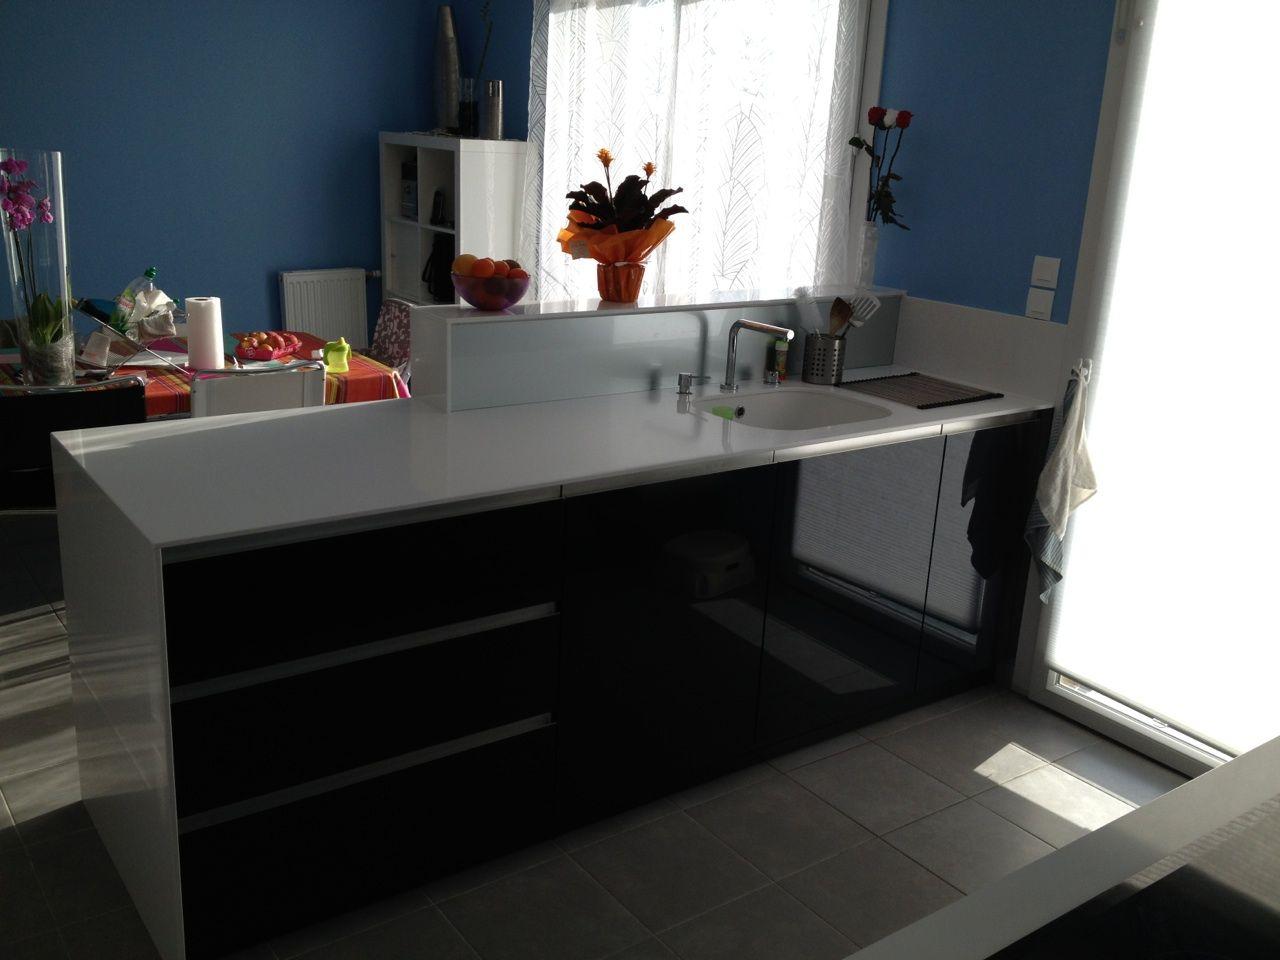 schuller cuisine schuller cuisine with schuller cuisine elegant schuller finca with schuller. Black Bedroom Furniture Sets. Home Design Ideas